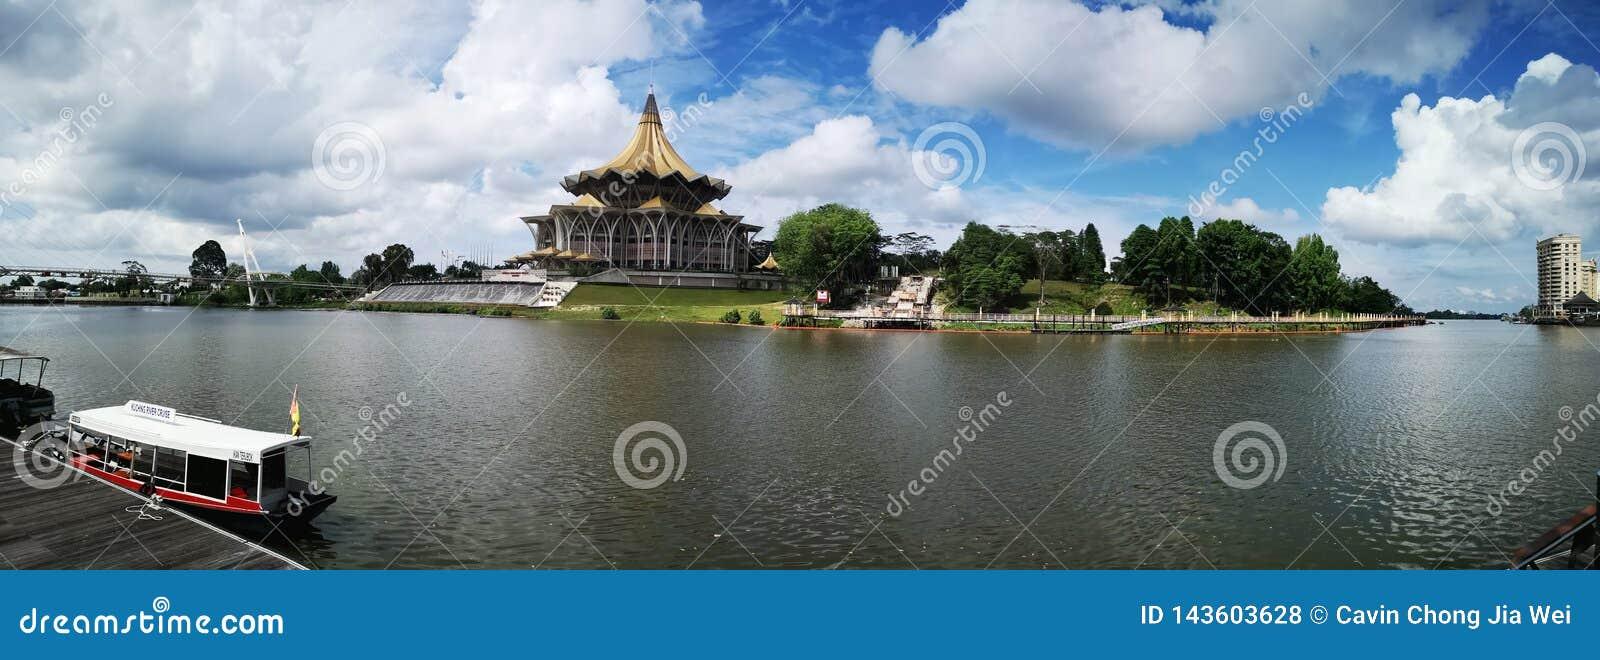 Nouveau b?timent du parlement de Sarawak, Malaisie